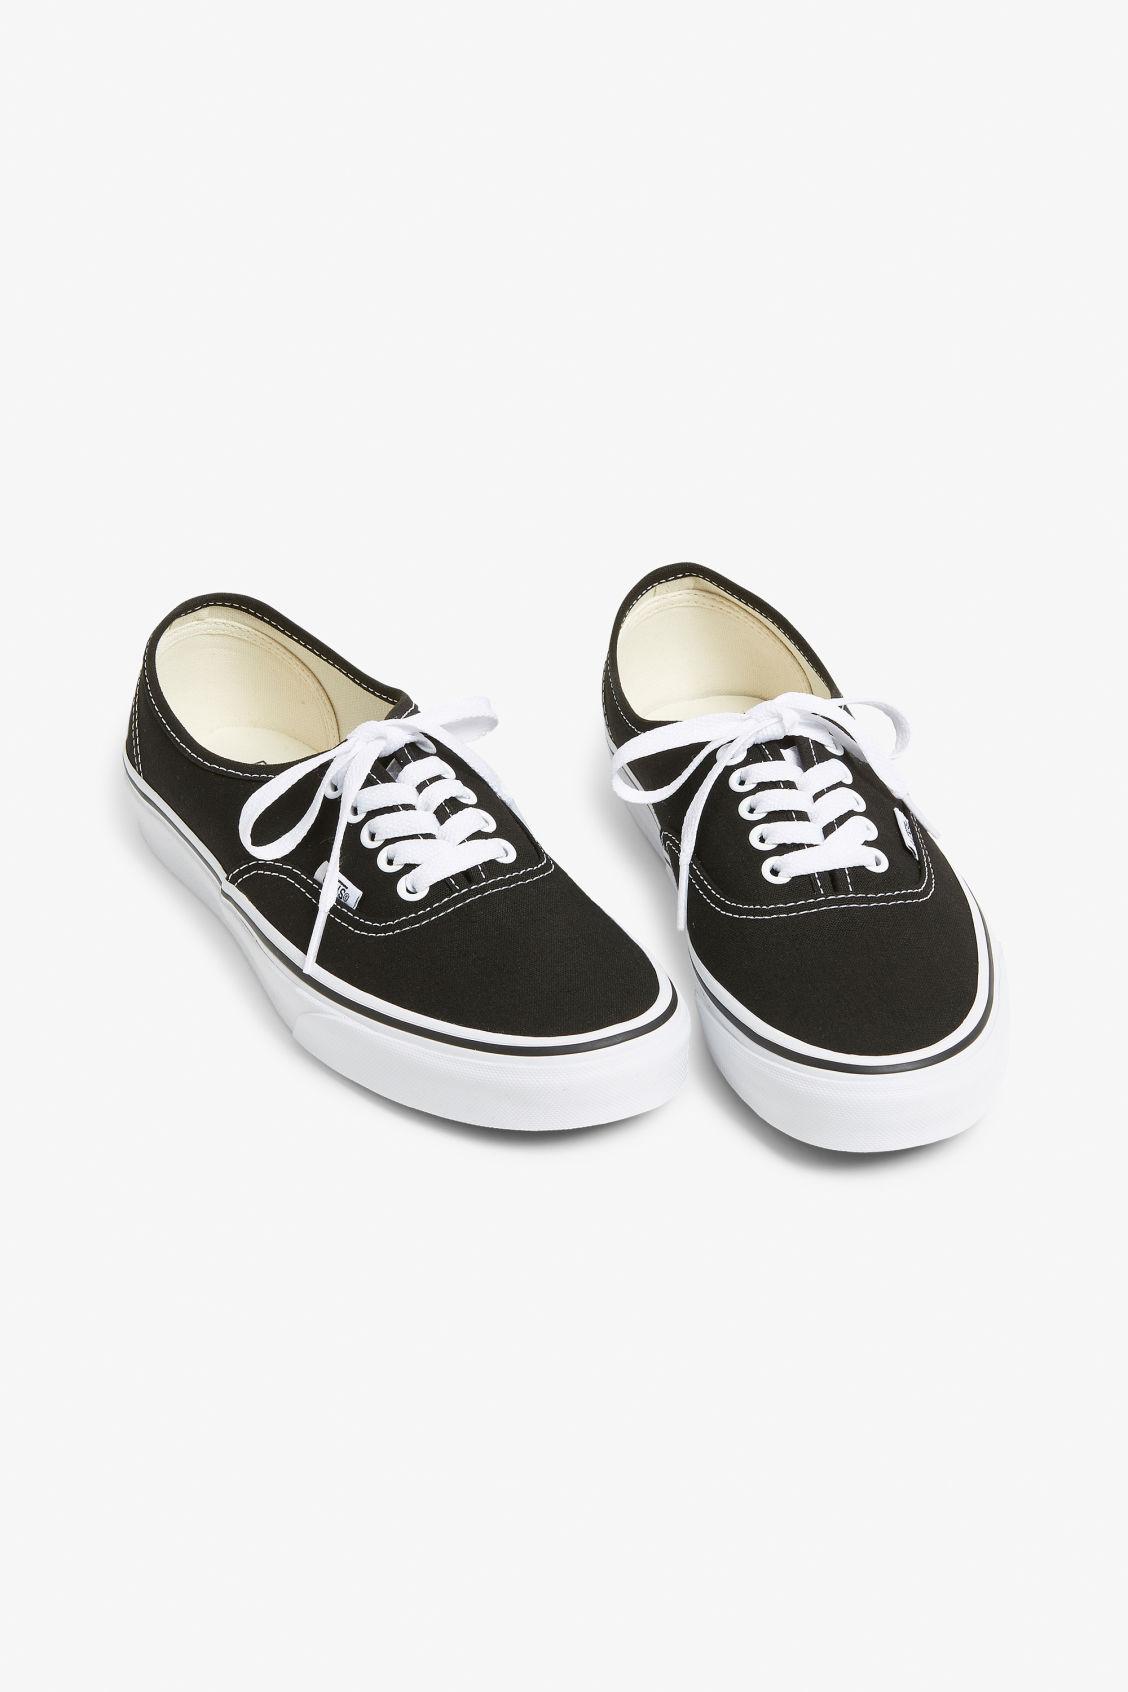 416ef4d7ba Vans authentic - Black and white - Shoes - Monki